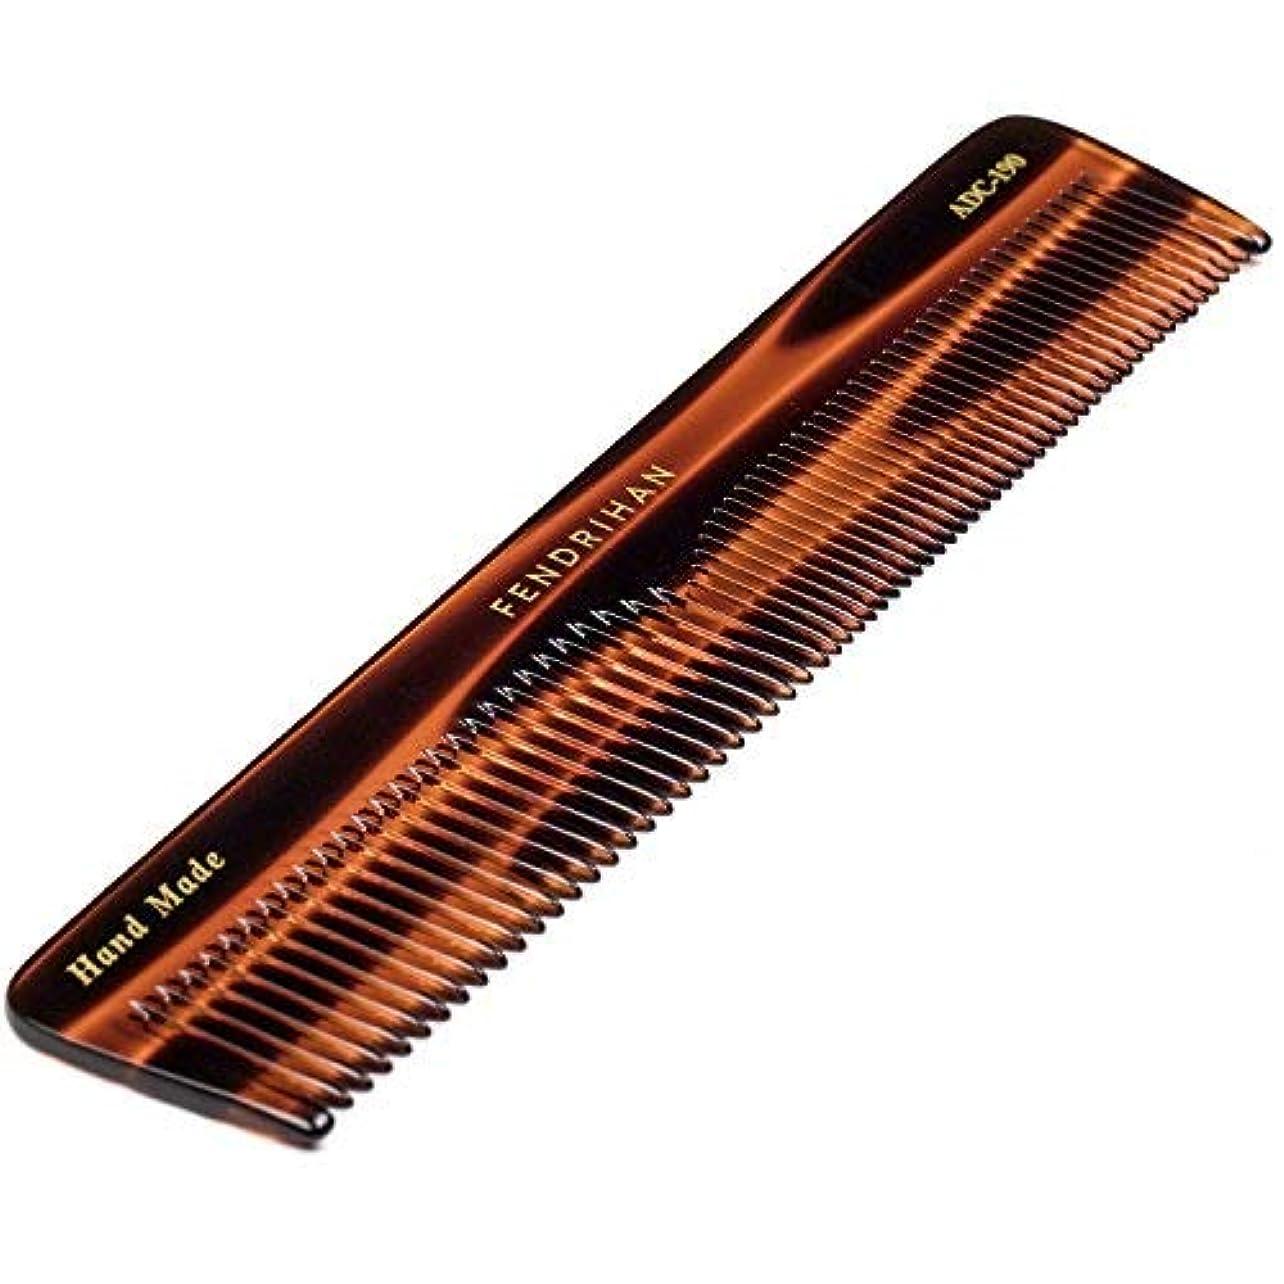 乱暴な履歴書それぞれFendrihan Hand Finished Large Double Tooth Comb for Men, Faux Tortoise (7.3 Inches) [並行輸入品]